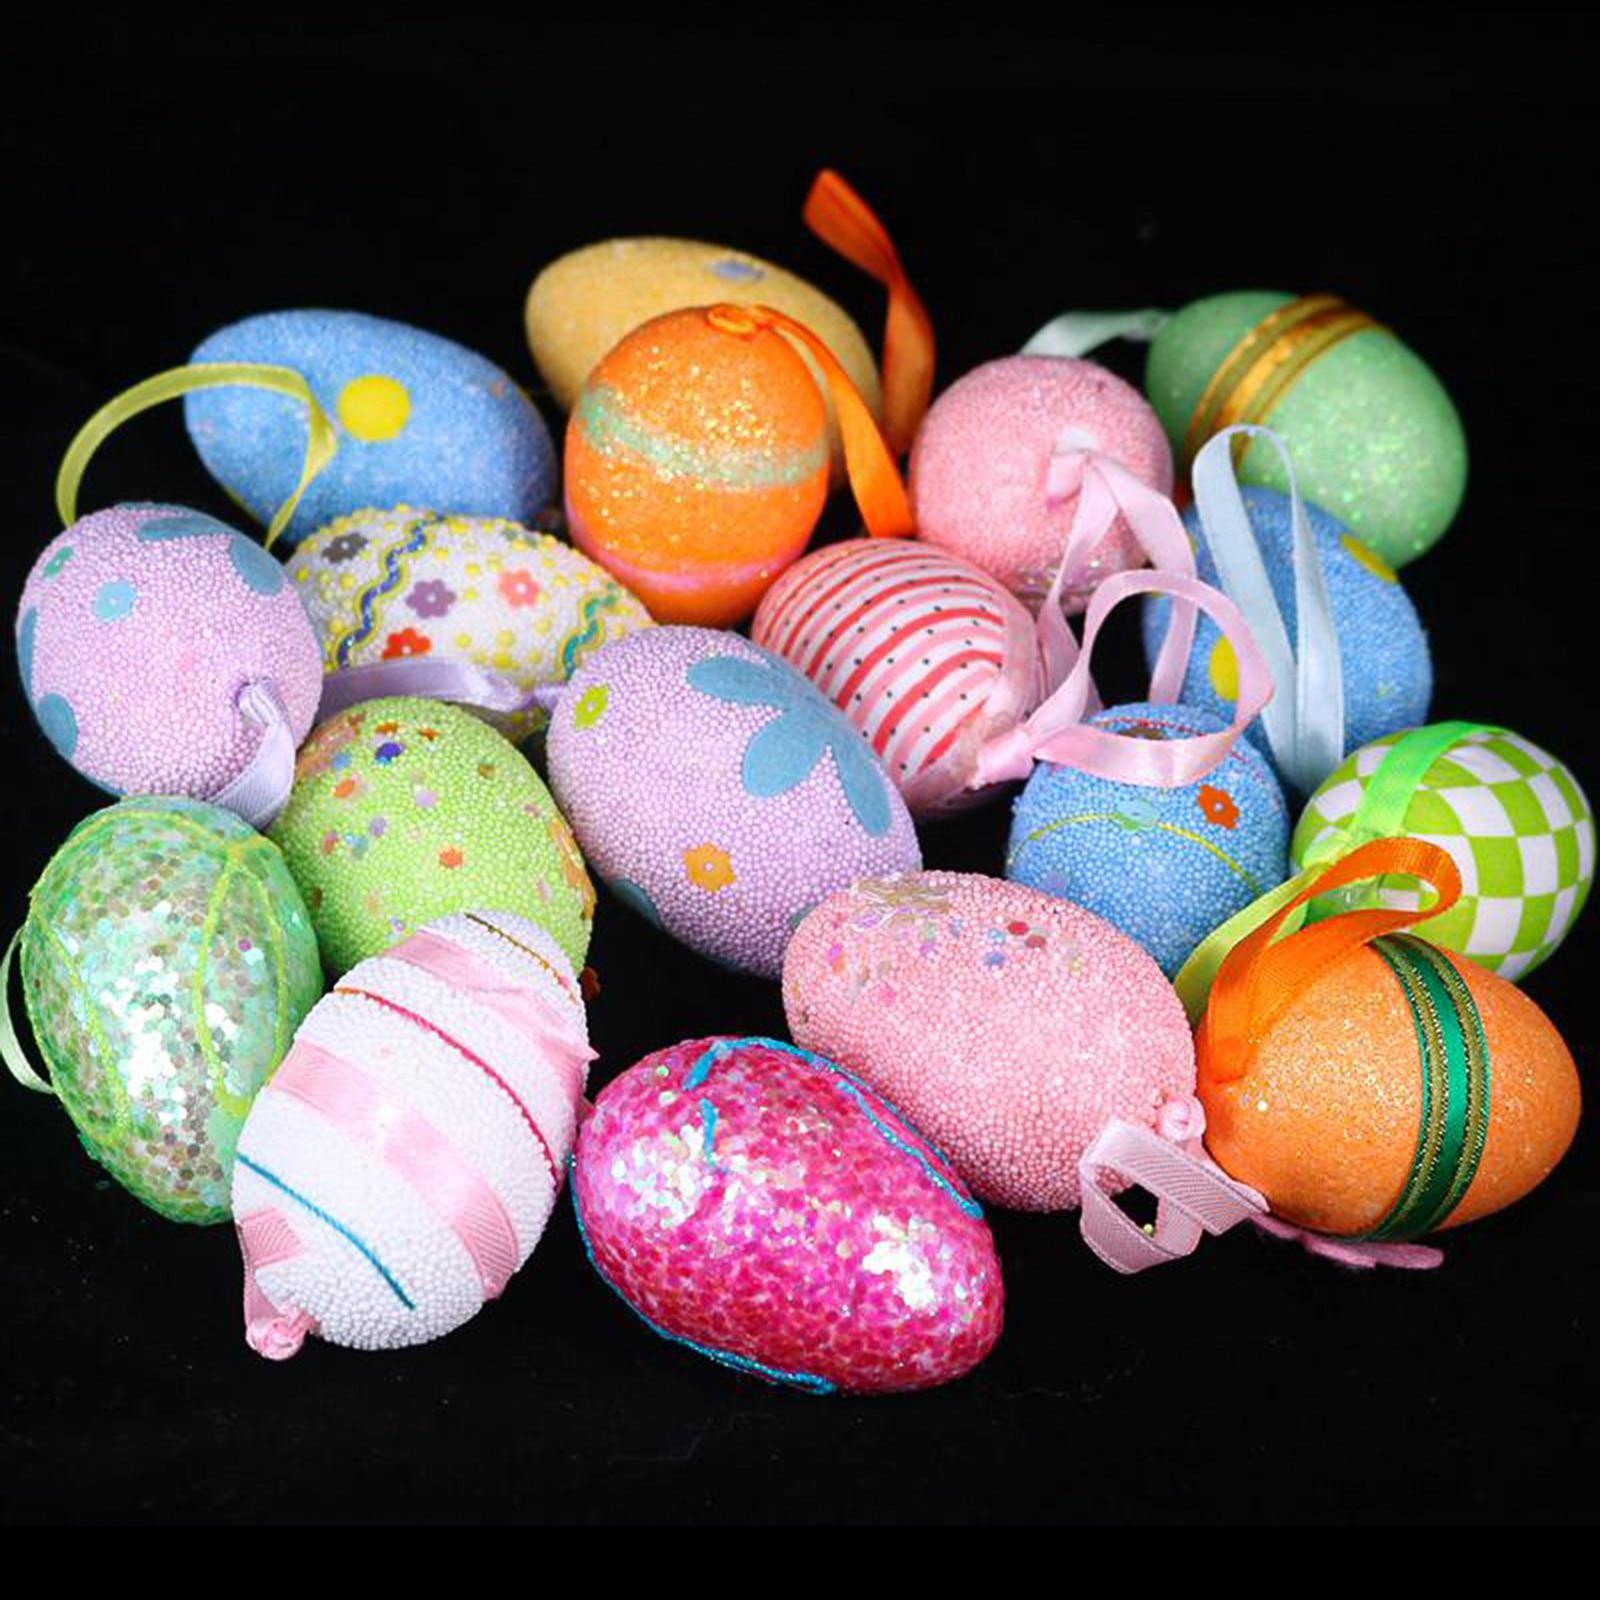 Œufs de pâques à faire soi-même, coquille dœuf, jouets faits à la main pour enfants, cadeaux de vacances, décorations de pâques, 6 pièces